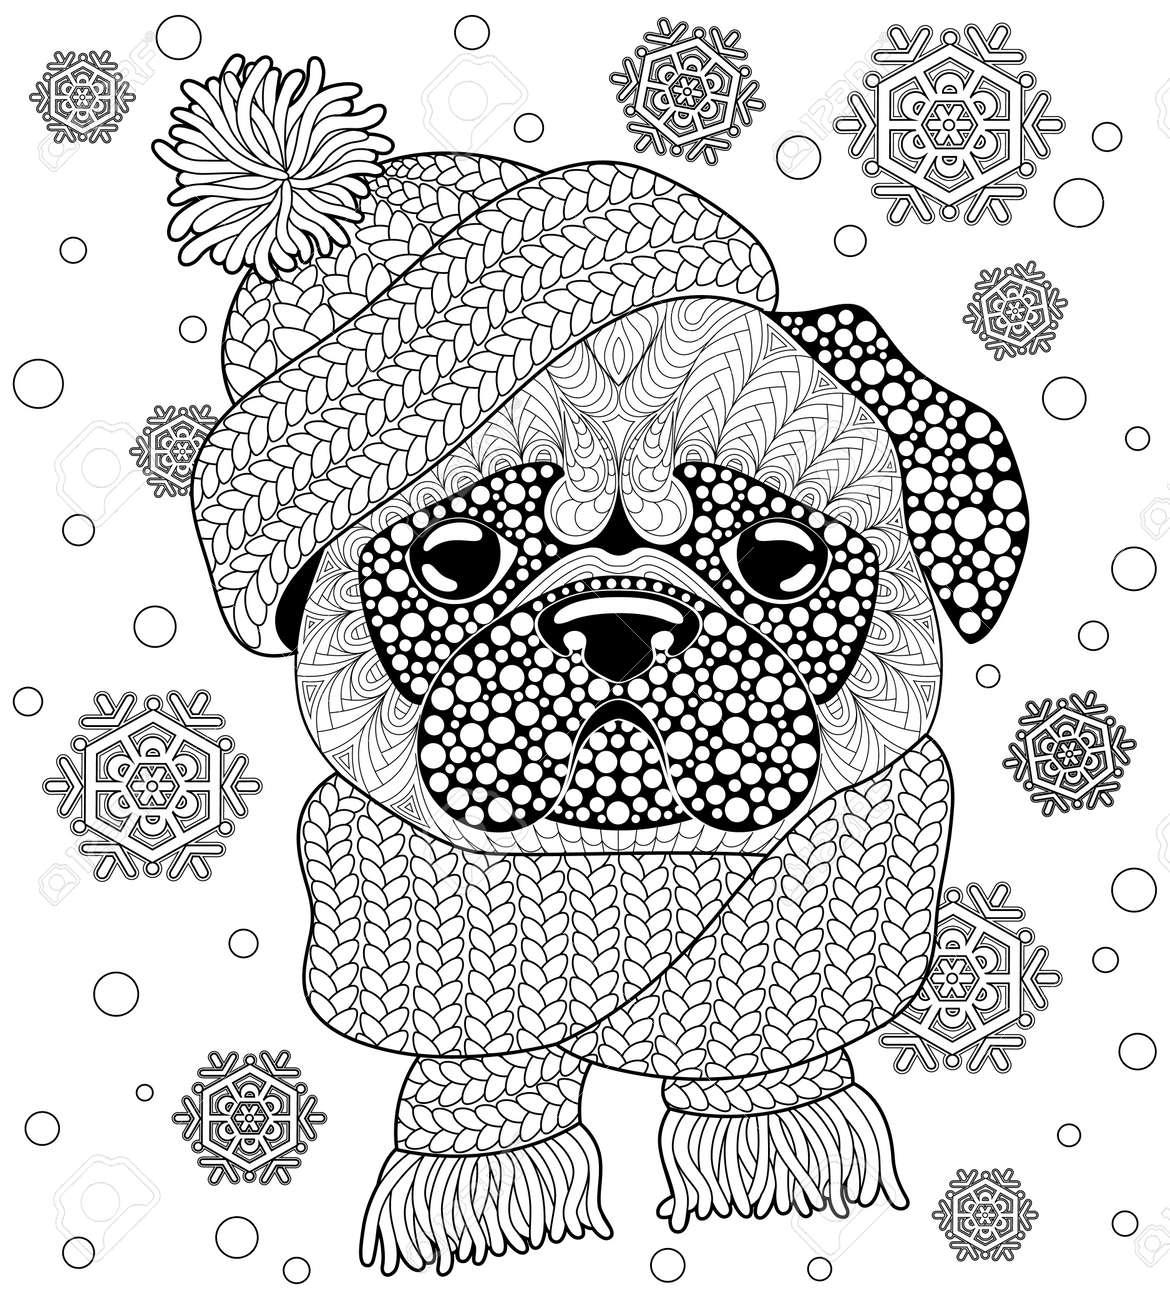 Coloriage De Chien Carlin.Chien Carlin Avec Bonnet Et Echarpe Coloriage Tatouage Ou Anti Stress Adulte Doodle Dessine Main Noir Et Blanc Pour Cahier De Coloriage